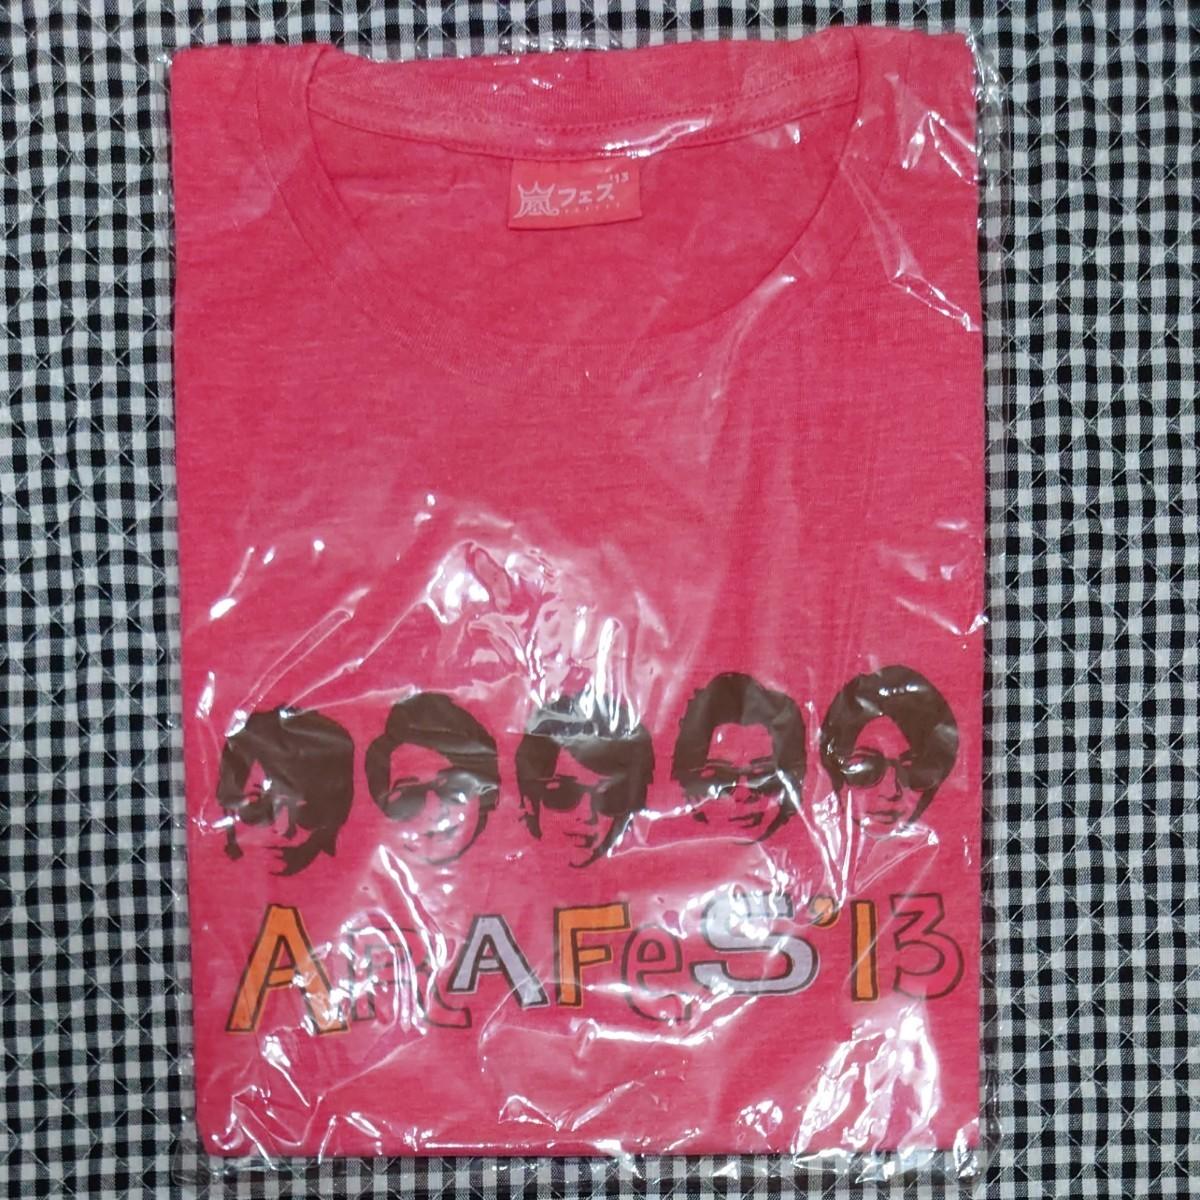 嵐 アラフェス13 Tシャツ フリーサイズ